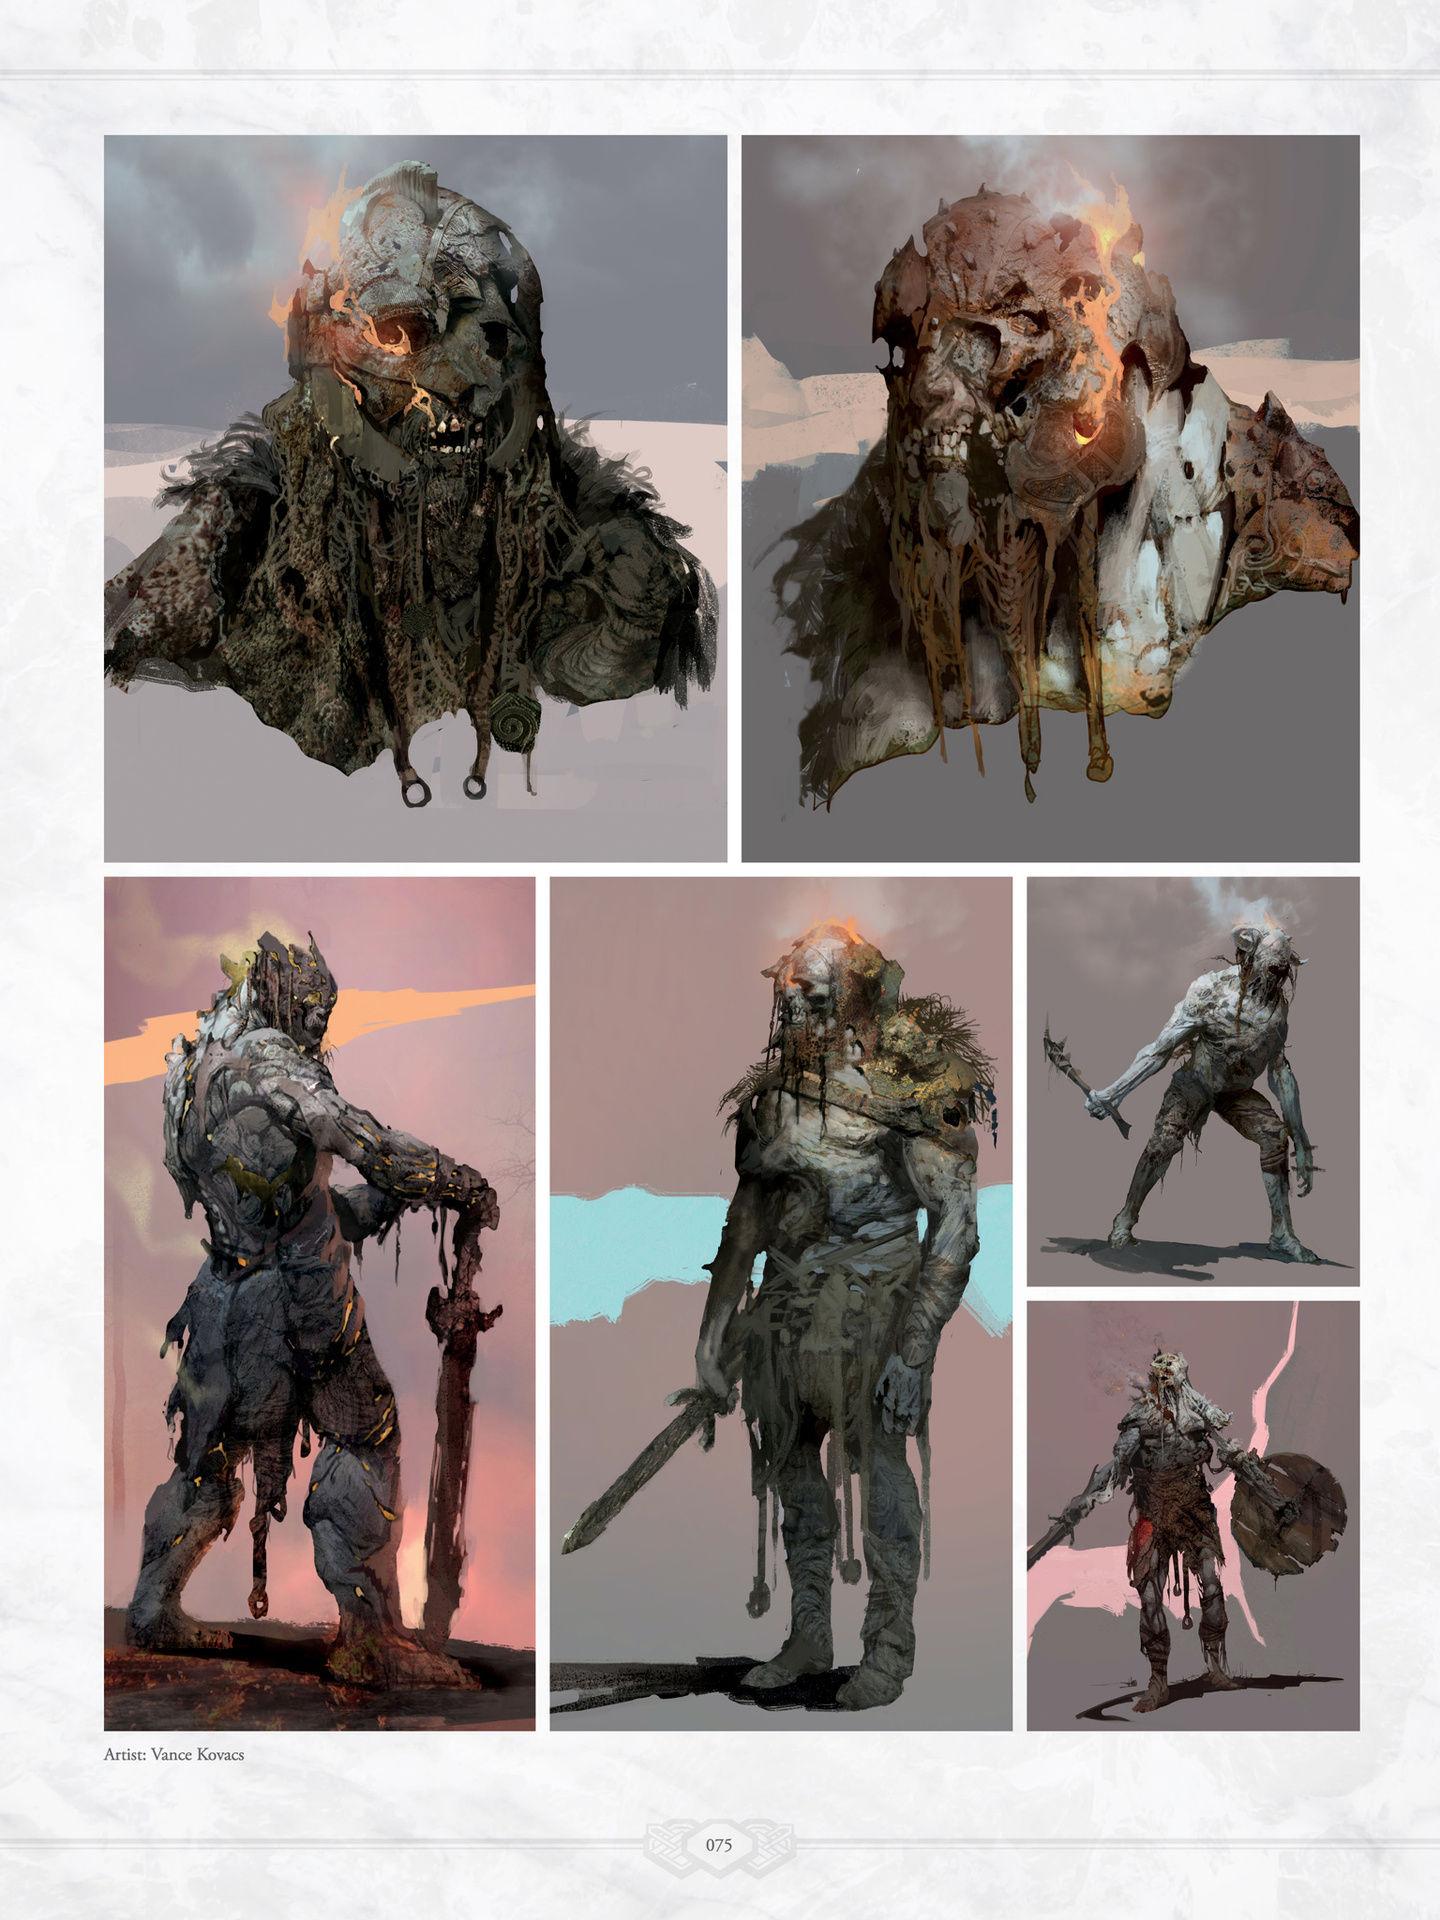 God Of War 4 Concept Art Book